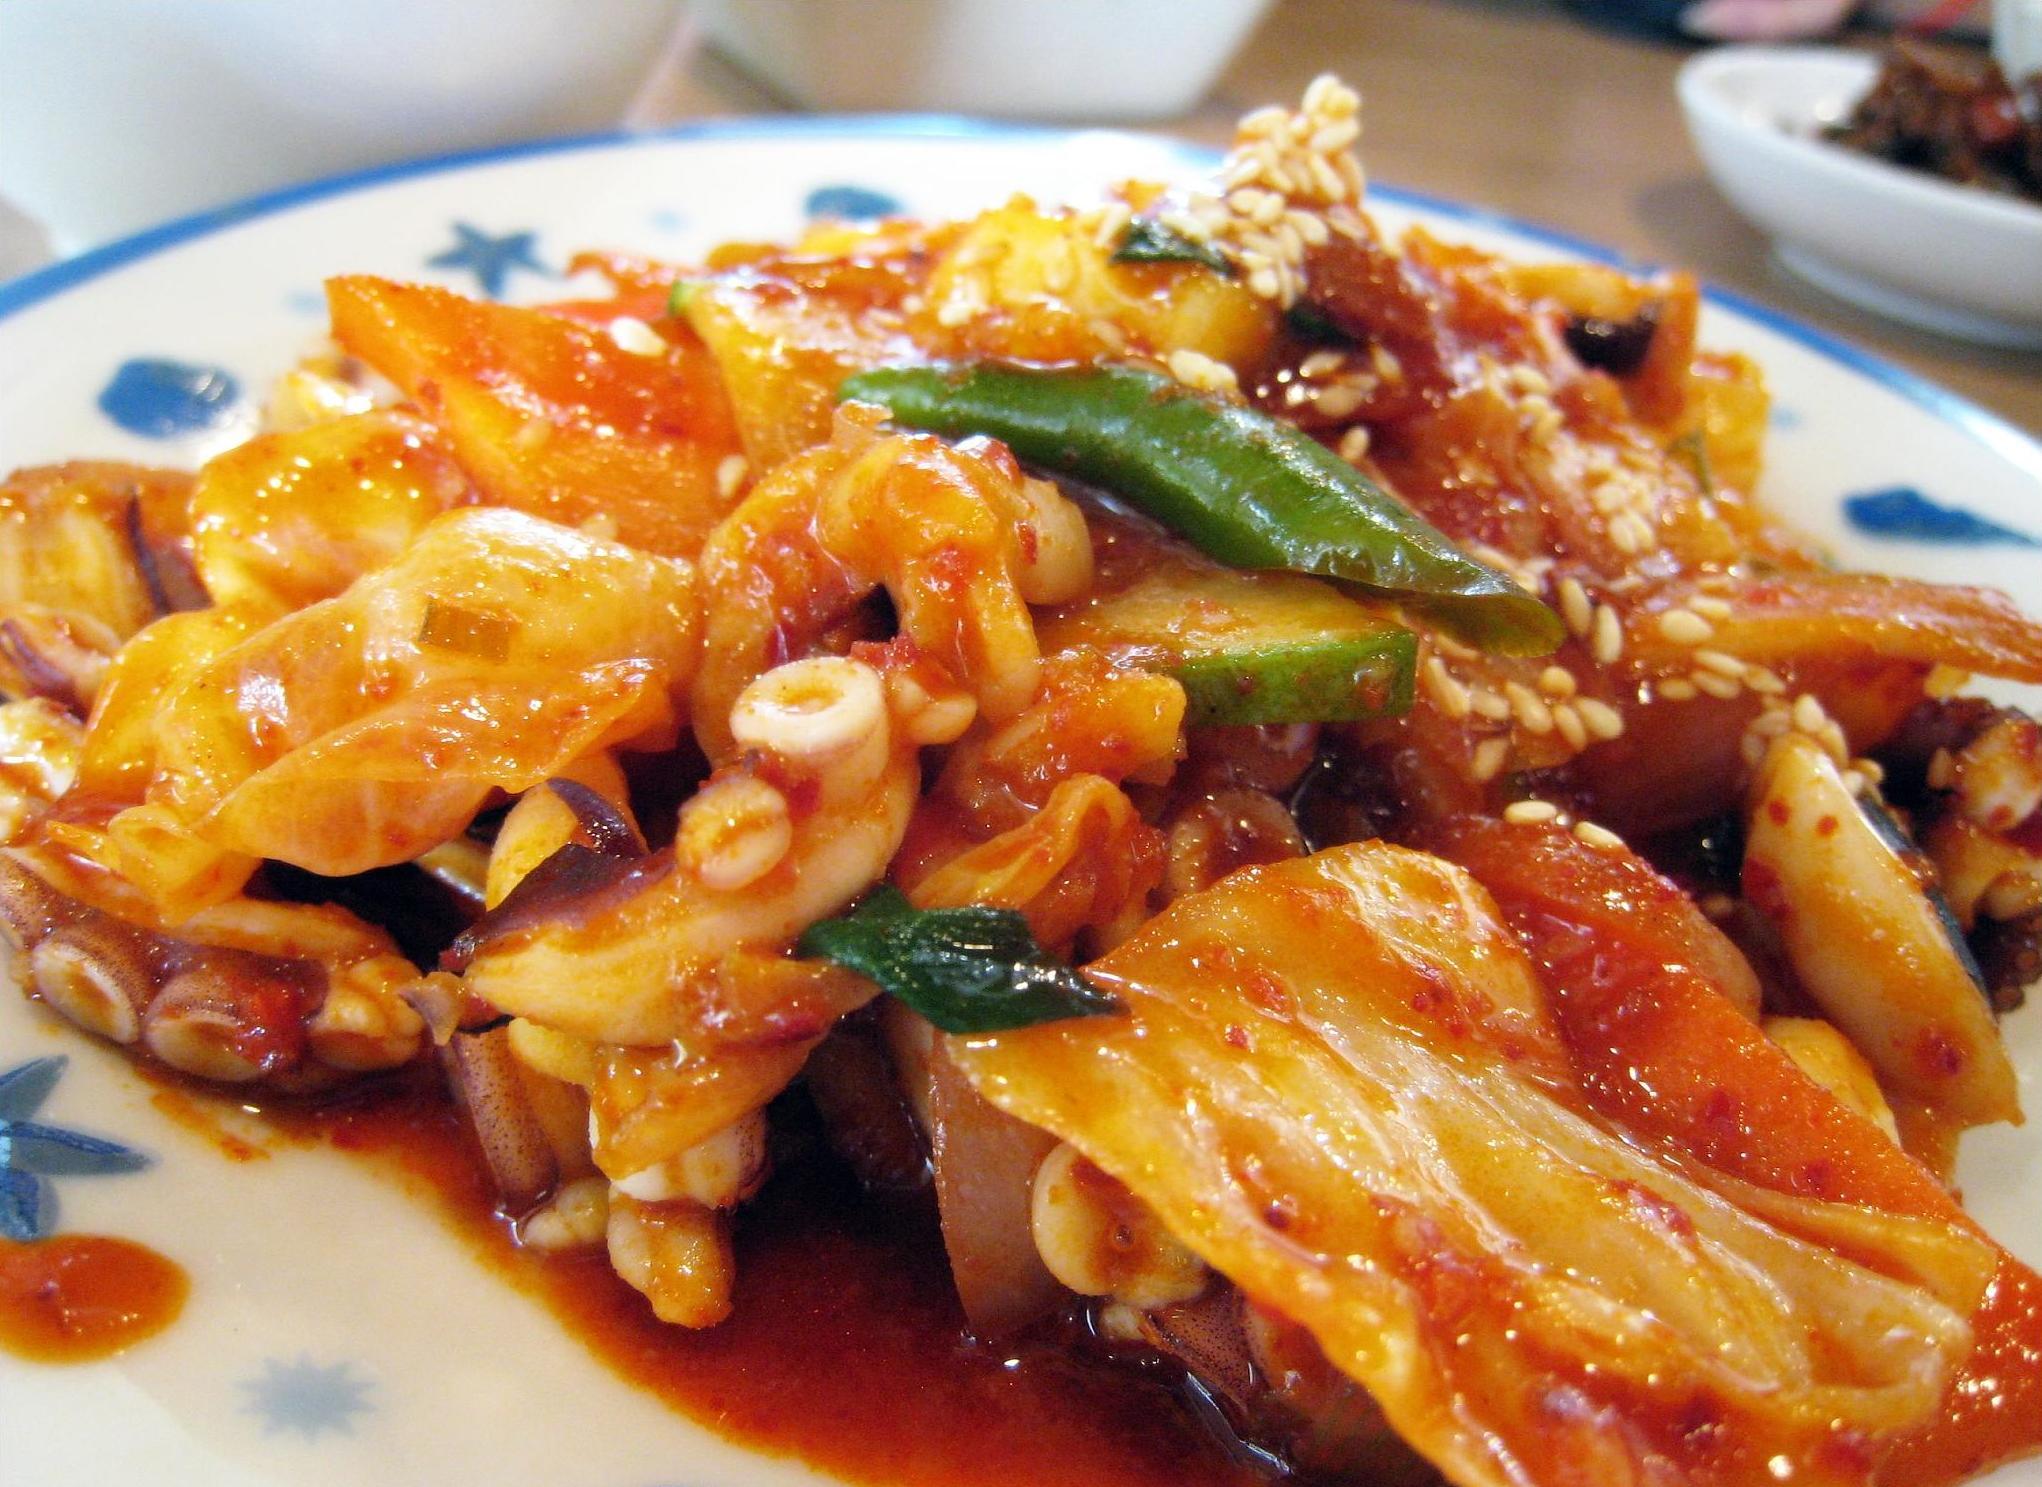 File:Korean cuisine-Nakji bokkeum-01.jpg - Wikimedia Commons